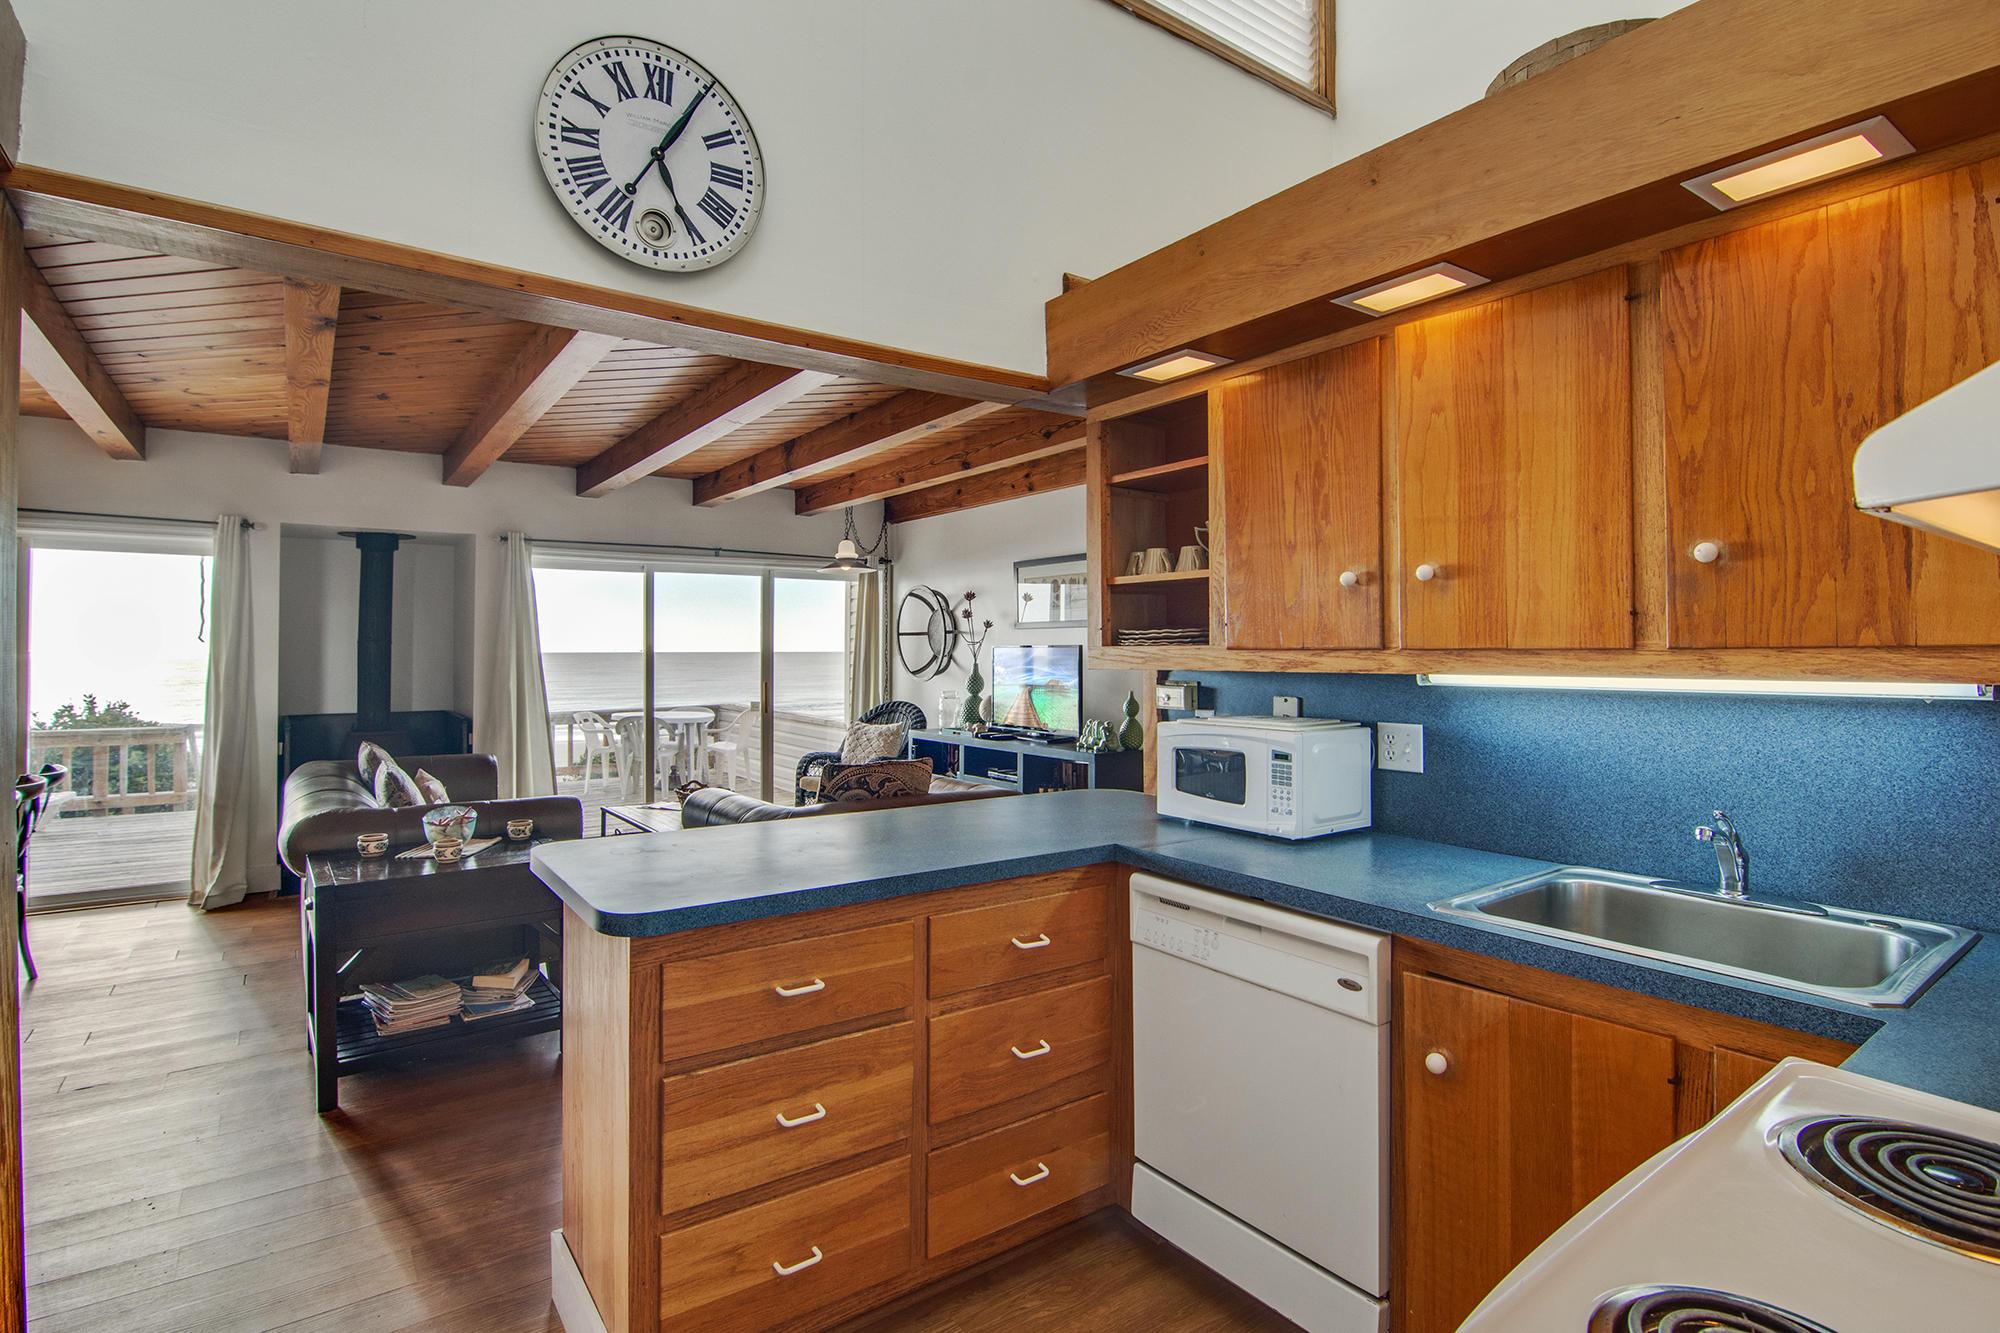 Folly Beach Homes For Sale - 1703 Ashley, Folly Beach, SC - 0